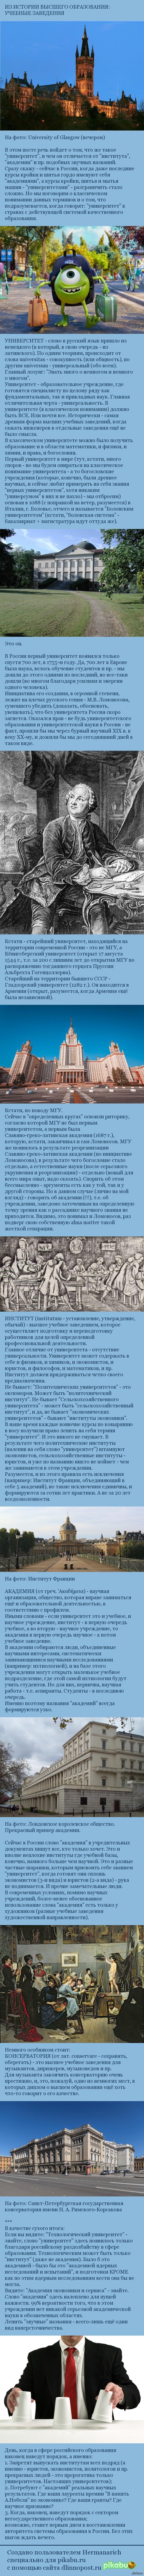 """Из истории высшего образования: учебные заведения Небольшой длиннопост о том, чем отличается """"университет"""" от """"института"""" и """"академии"""". И о том, что из этого следует."""